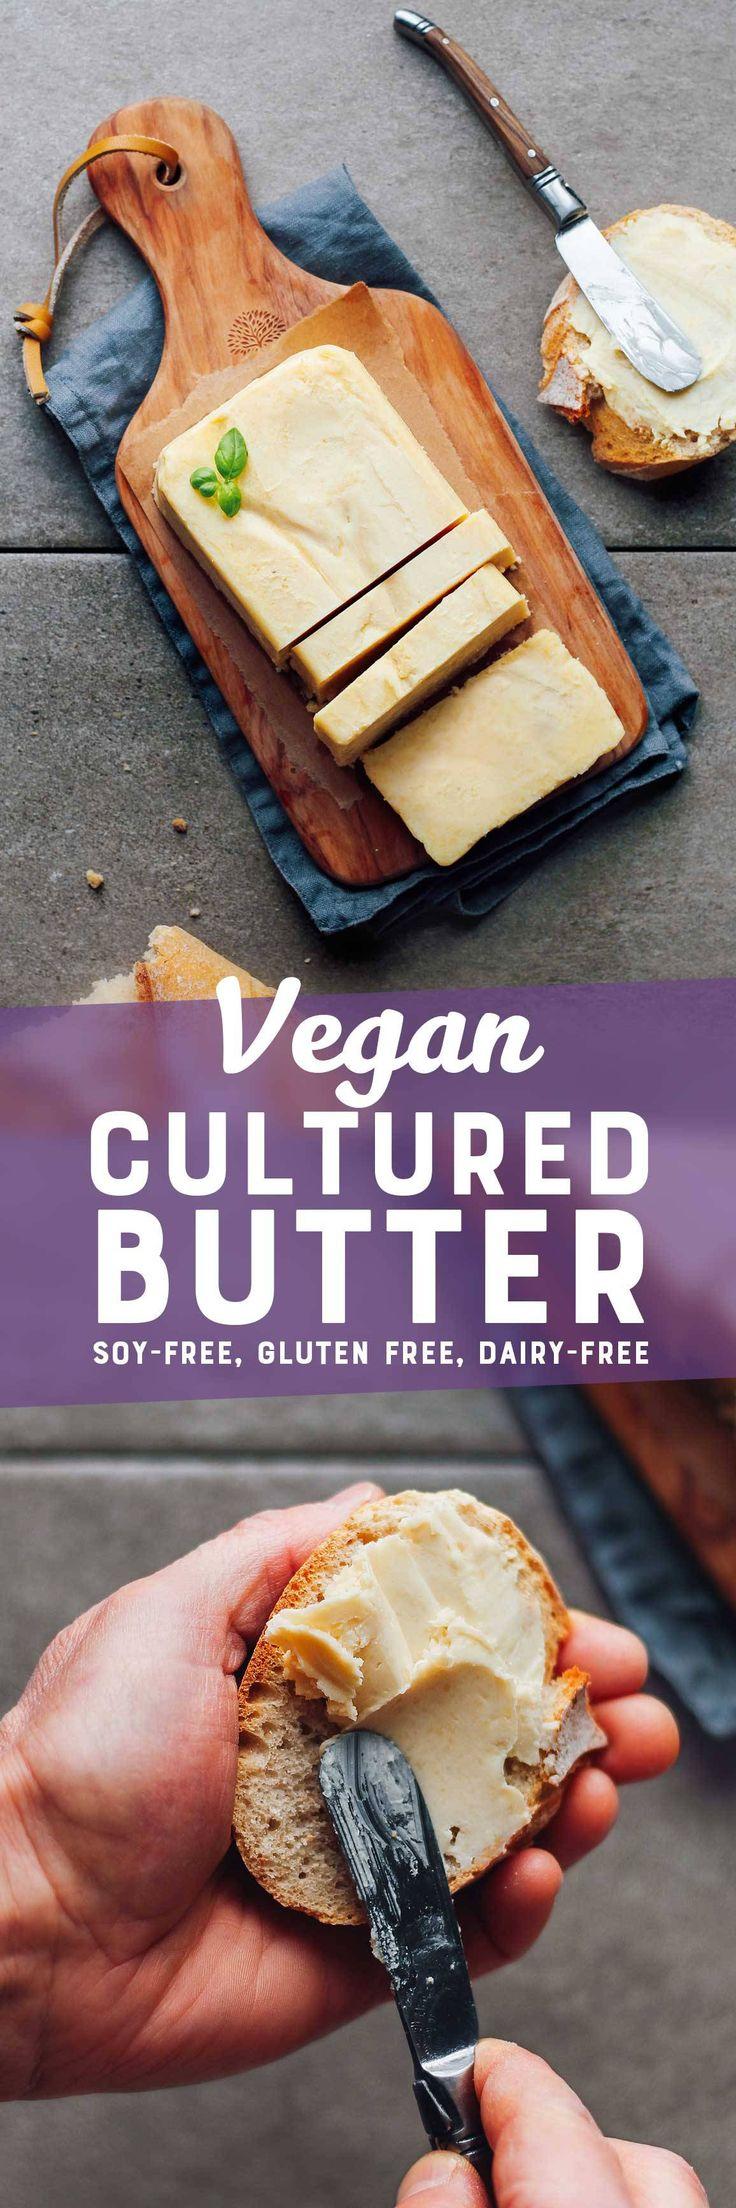 Vegan Cultured Butter #vegan #homemade #plantbased